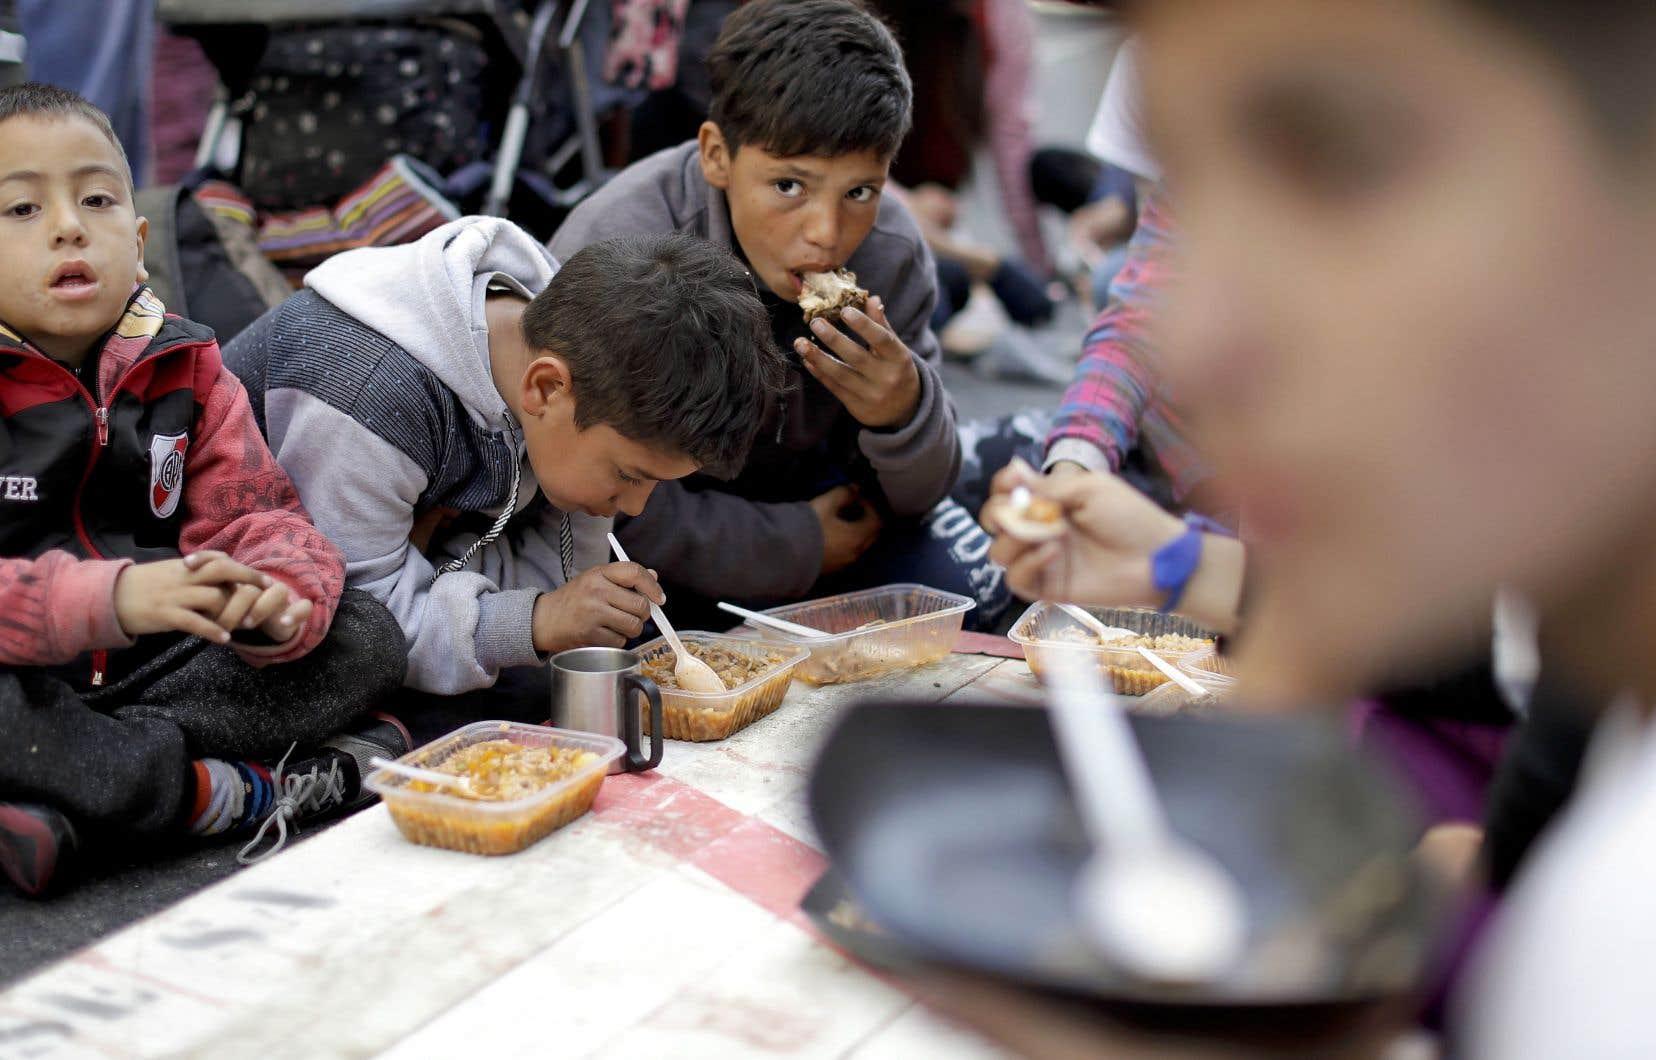 Sur l'avenue du 9-Juillet, à Buenos Aires, des associations citoyennes et communautaires ont organisé une soupe populaire pour fournir un repas gratuit aux personnes dans le besoin.